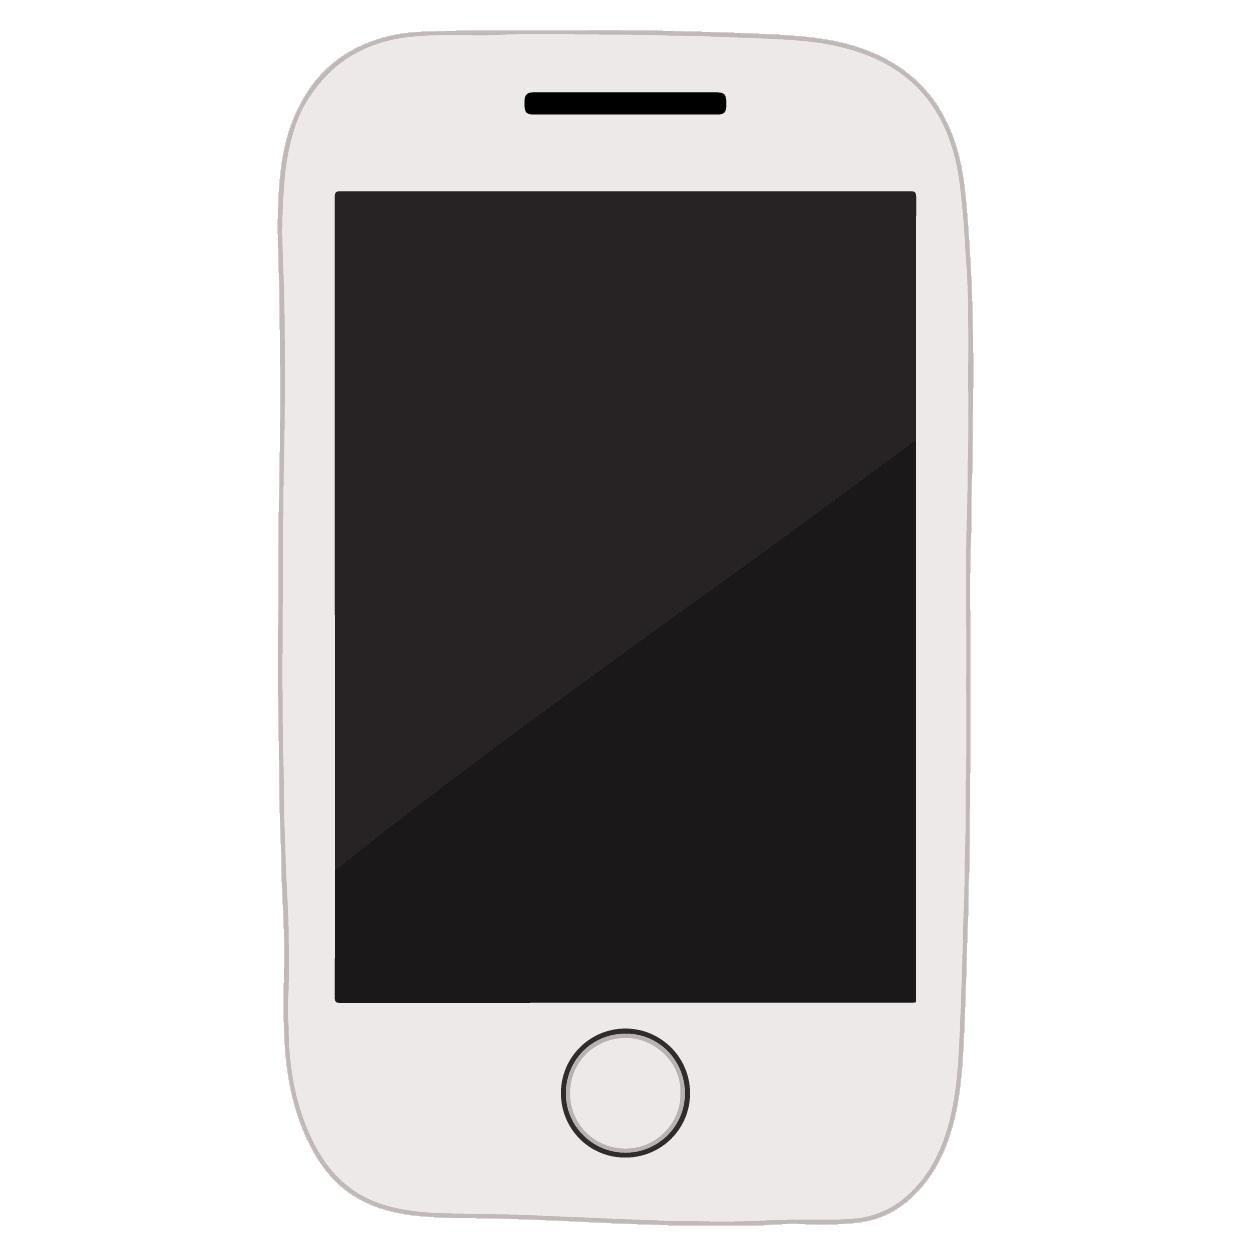 スマートフォン携帯電話白ホワイトのイラスト 商用フリー無料